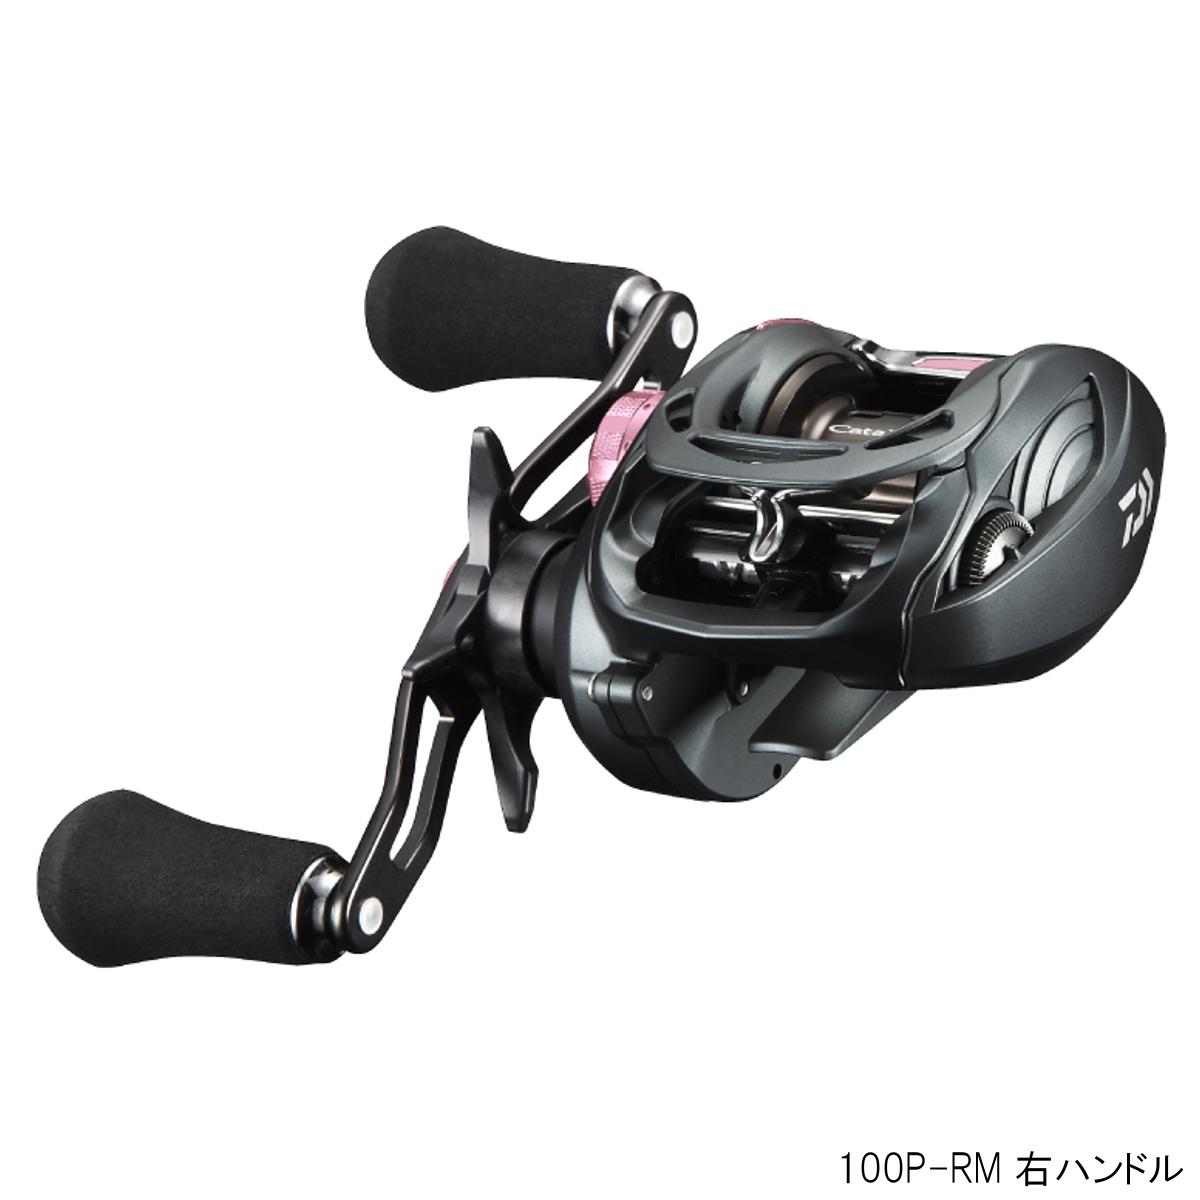 ダイワ キャタリナ TW 100P-RM 右ハンドル【送料無料】